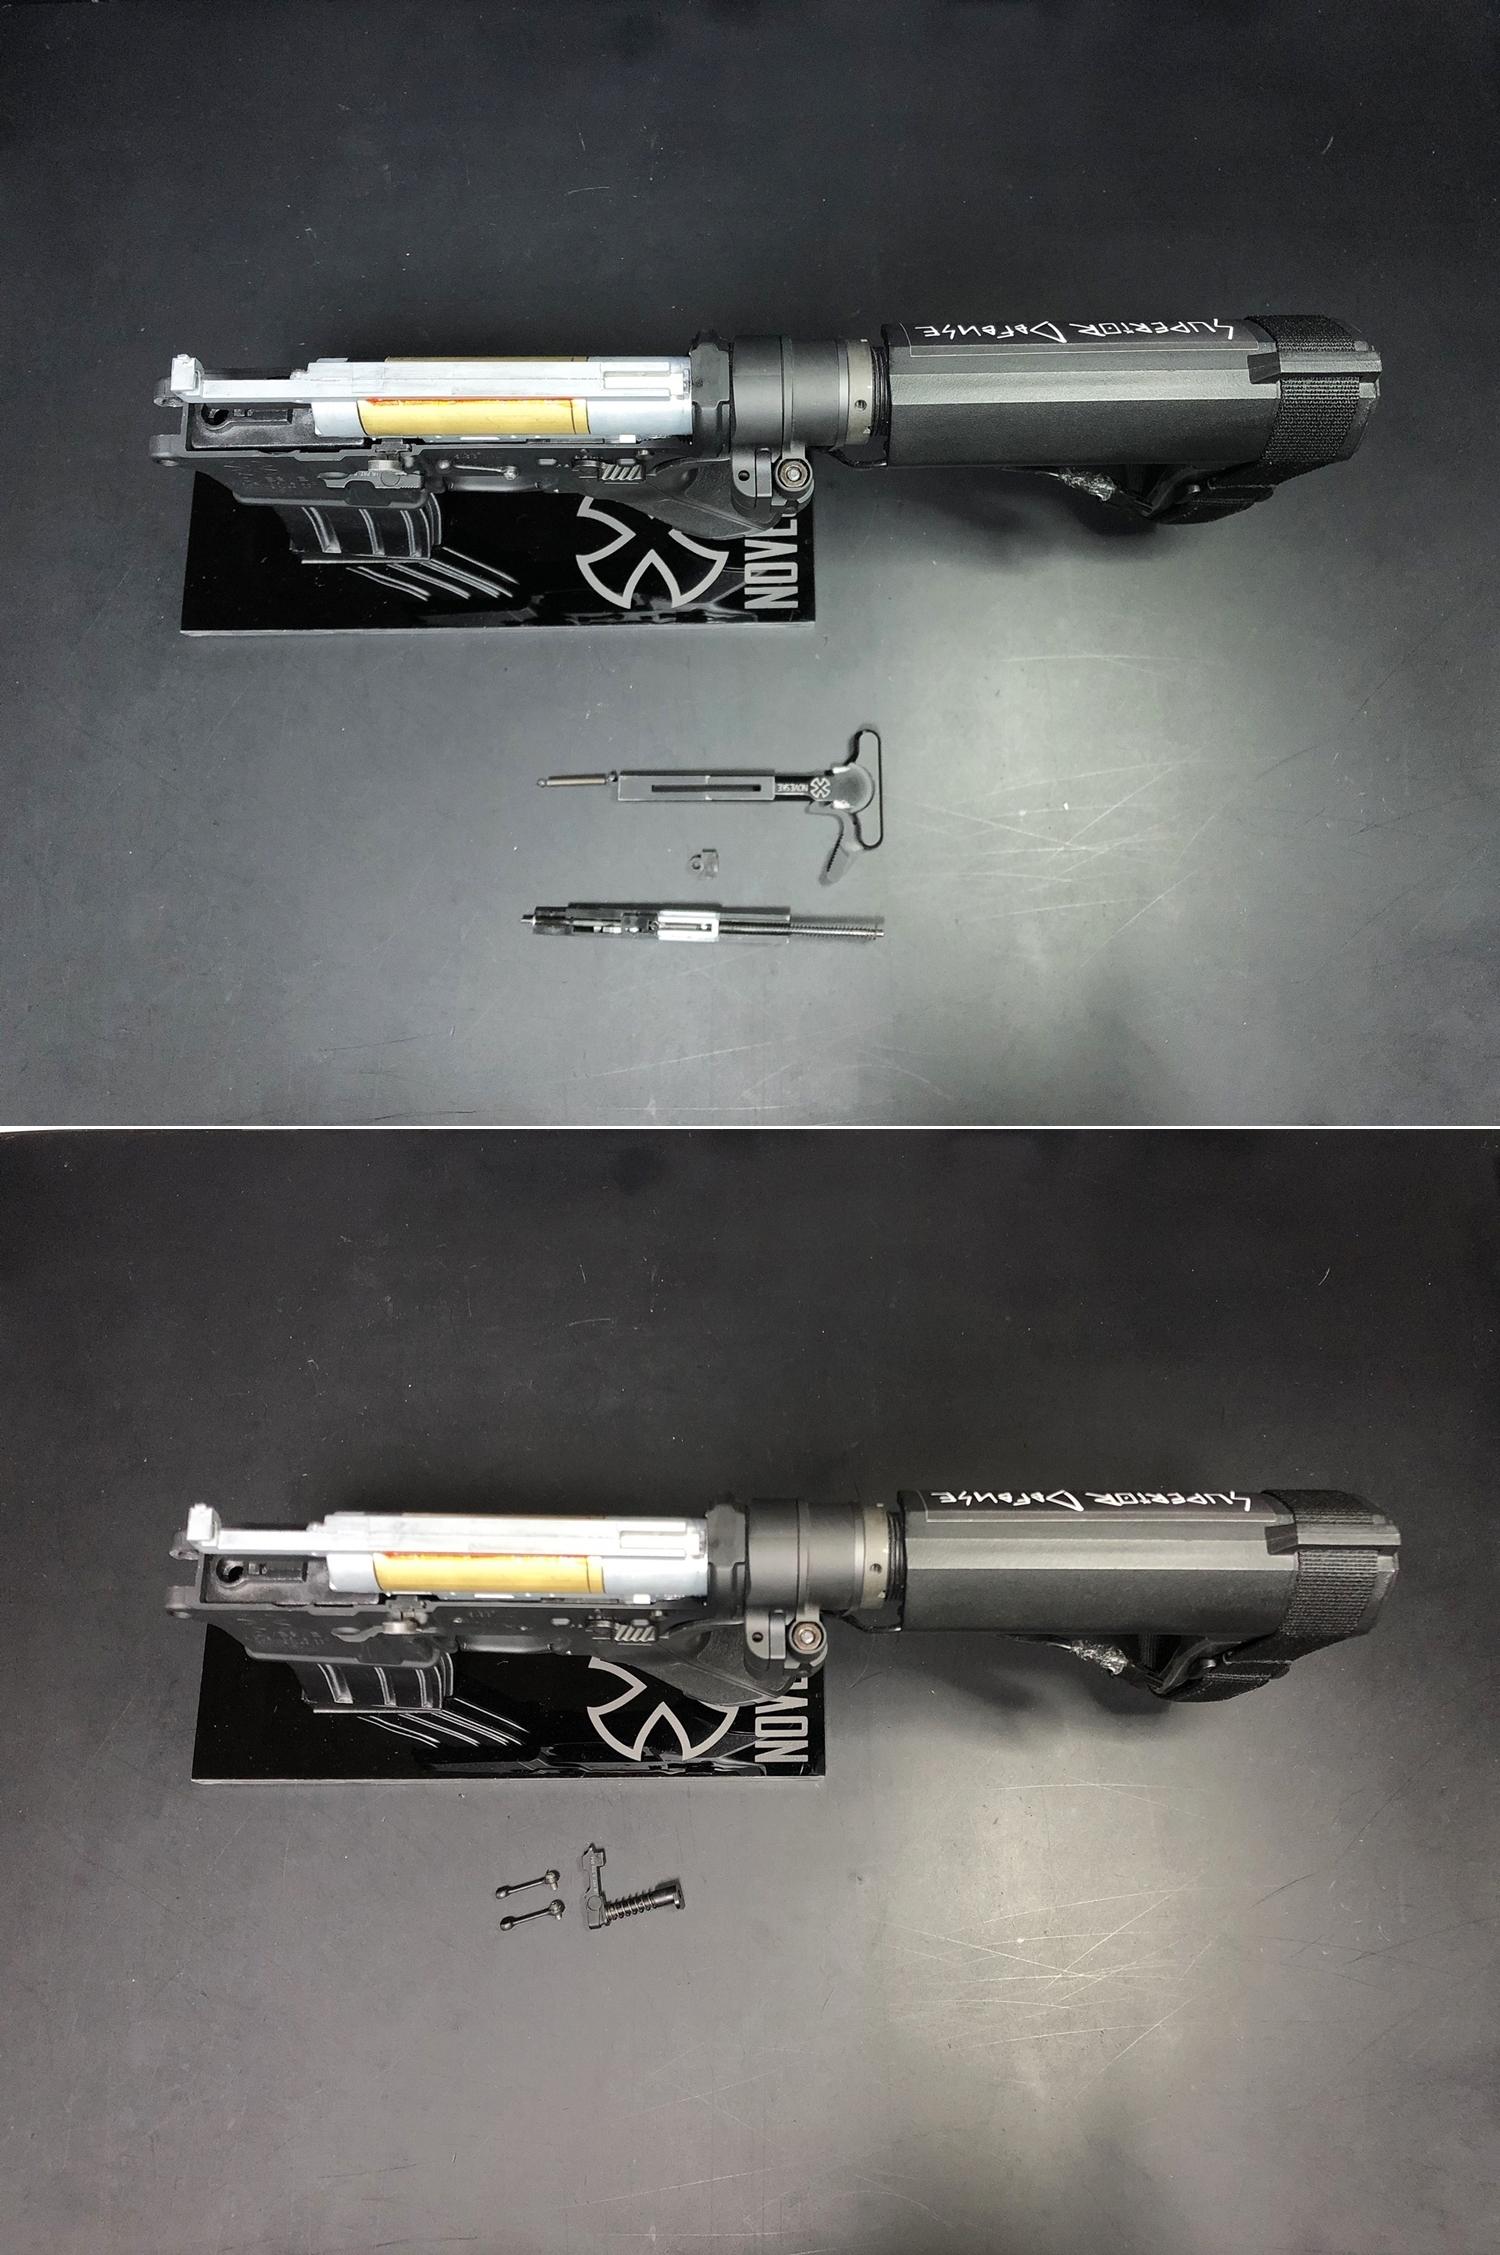 6 次世代 M4 CQB-R 簡易的修理で激的変化!! メカボックス 新品交換 & サマリウム・コバルトモーター カスタム!! メンテナンス 交換 修理 カスタム レビュー!!